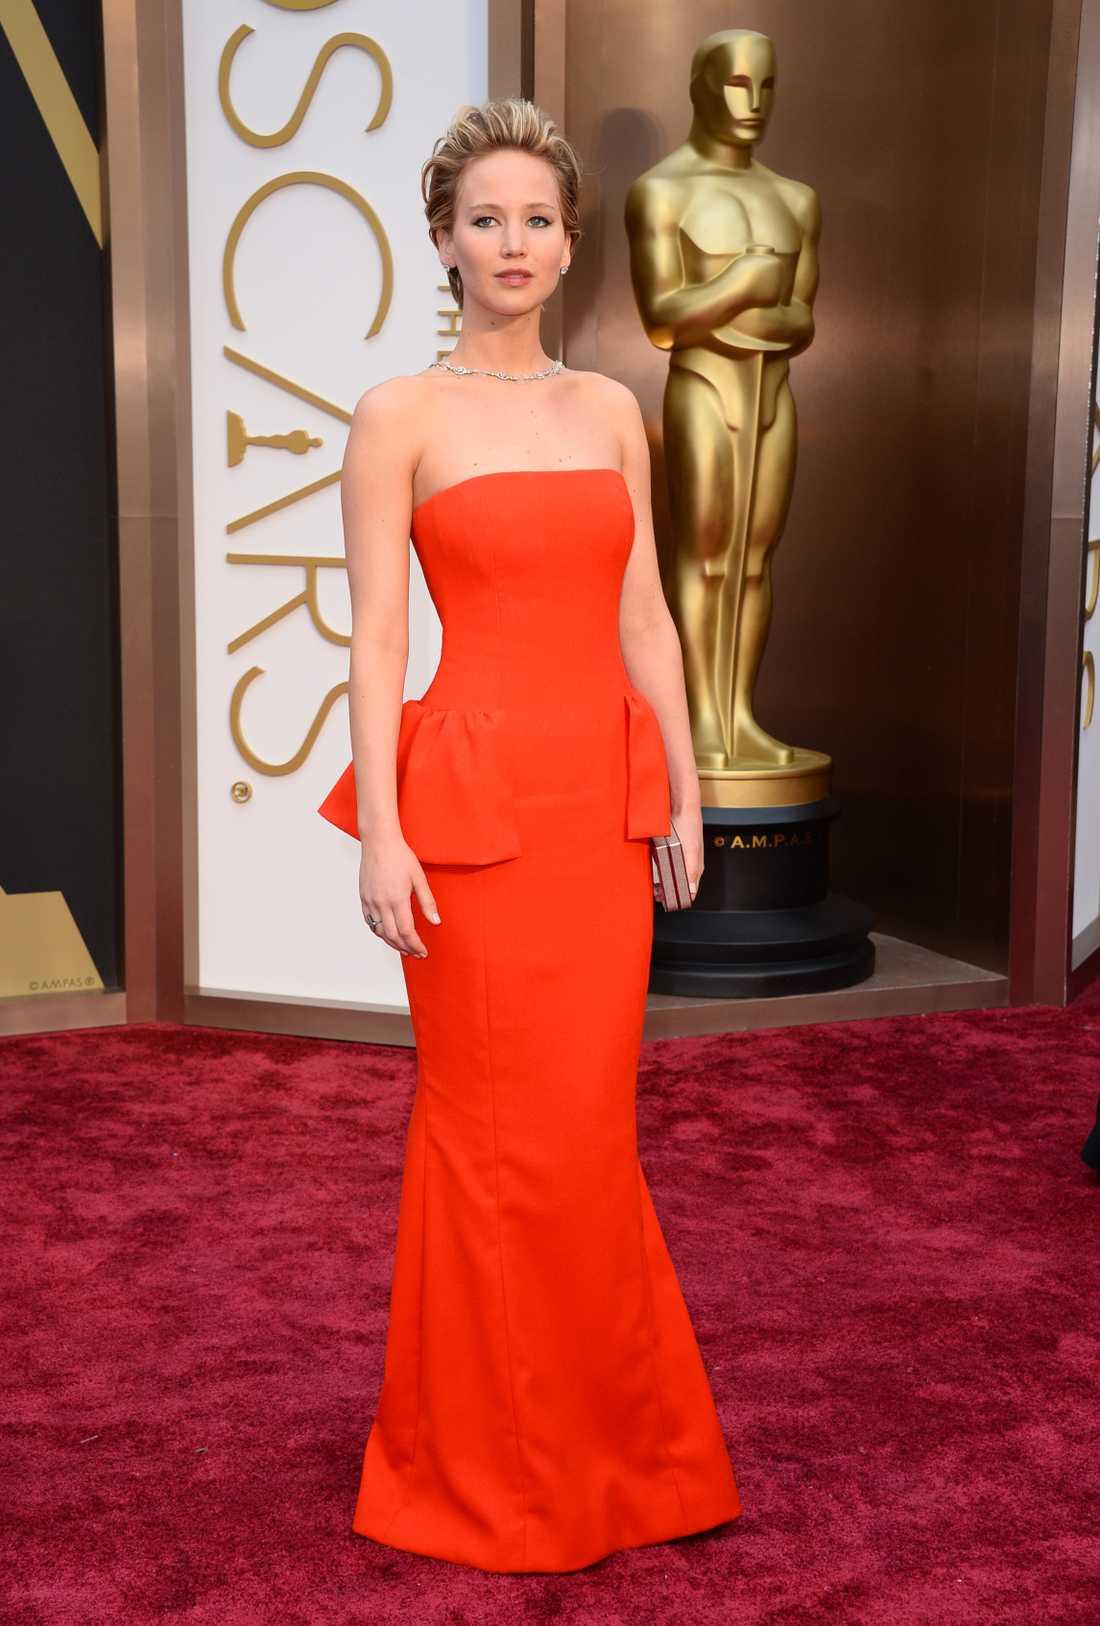 """++++ Jennifer Lawrence: """"Jag älskar det här! Christian Dior har designat denna modell med ett """"stjärtparti"""" som verkligen får det här att sticka ut. Rött var lite oväntat val av Lawrence men snacka om att hon fixar även det. Trots detta saknar jag det lilla extra som gör det till en äkta fullträff."""""""